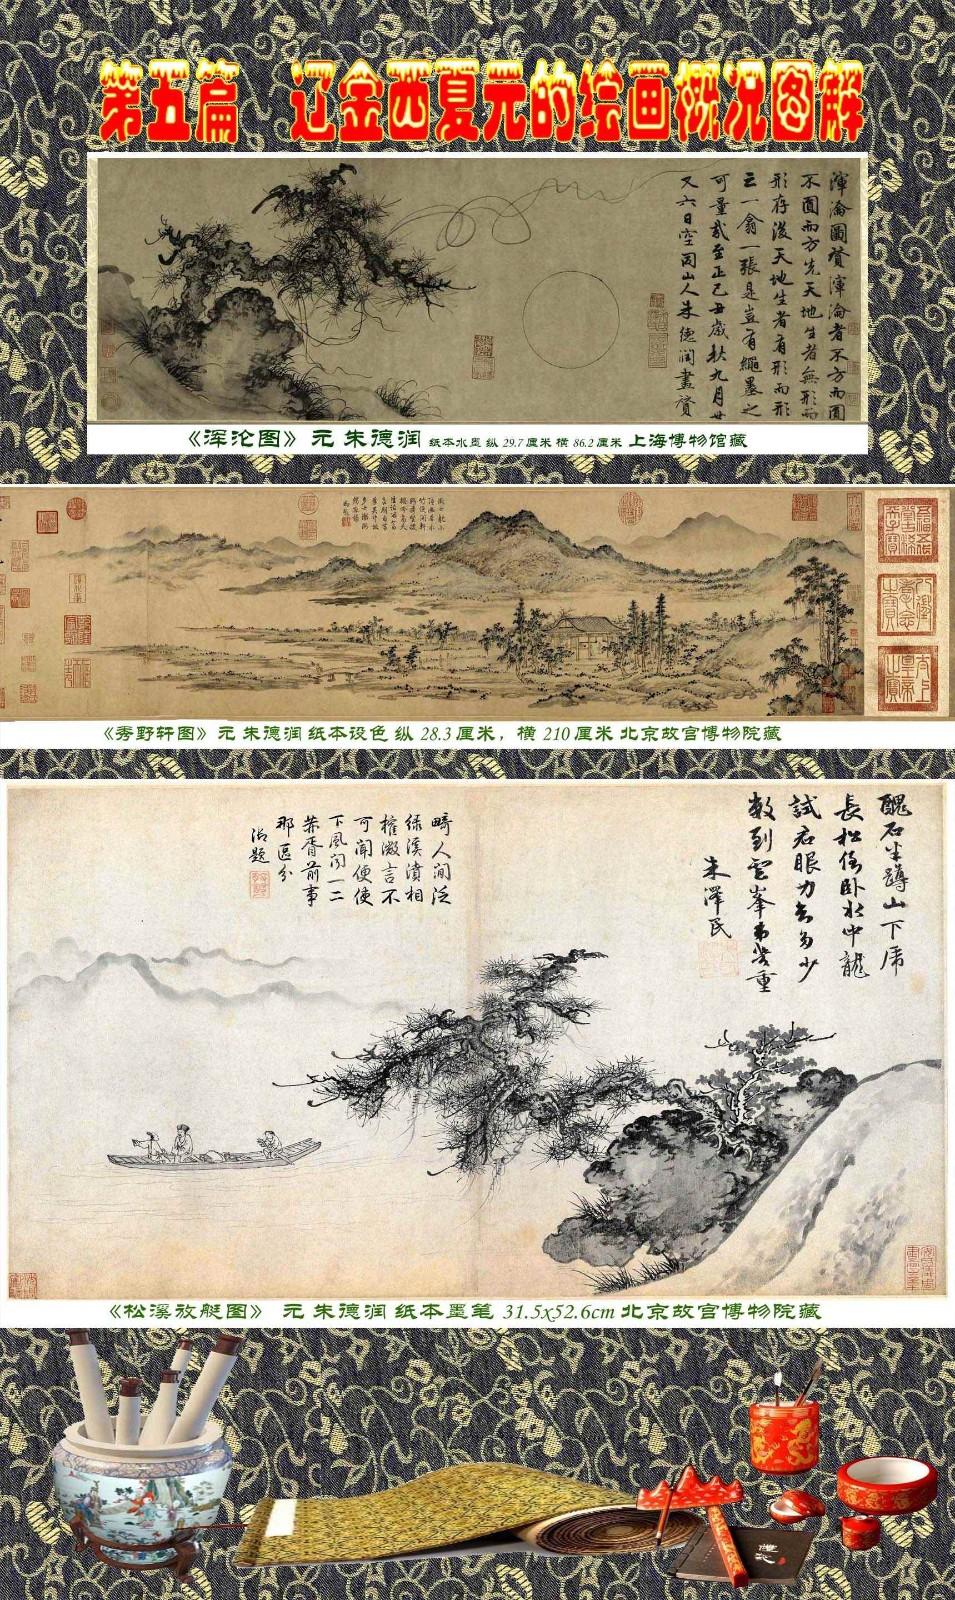 顾绍骅编辑 中国画知识普及版 第五篇 辽金西夏元的绘画概况 下 ... ..._图1-27